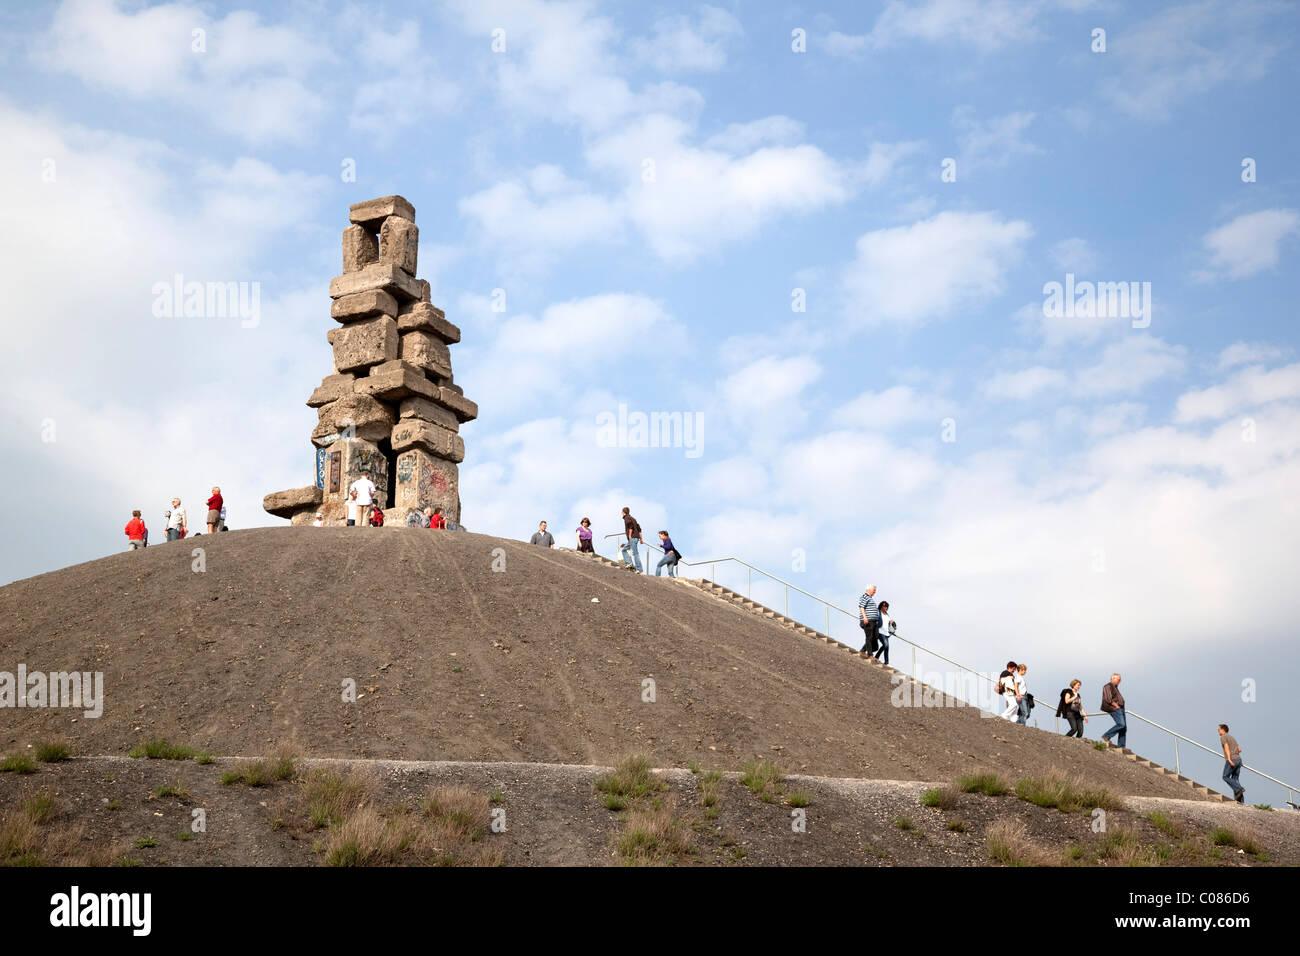 Halde Rheinelbe Dump Wahrzeichen mit Skulptur, Himmelsleiter, Jakobsleiter, Himmelsleiter, Gelsenkirchen Stockbild